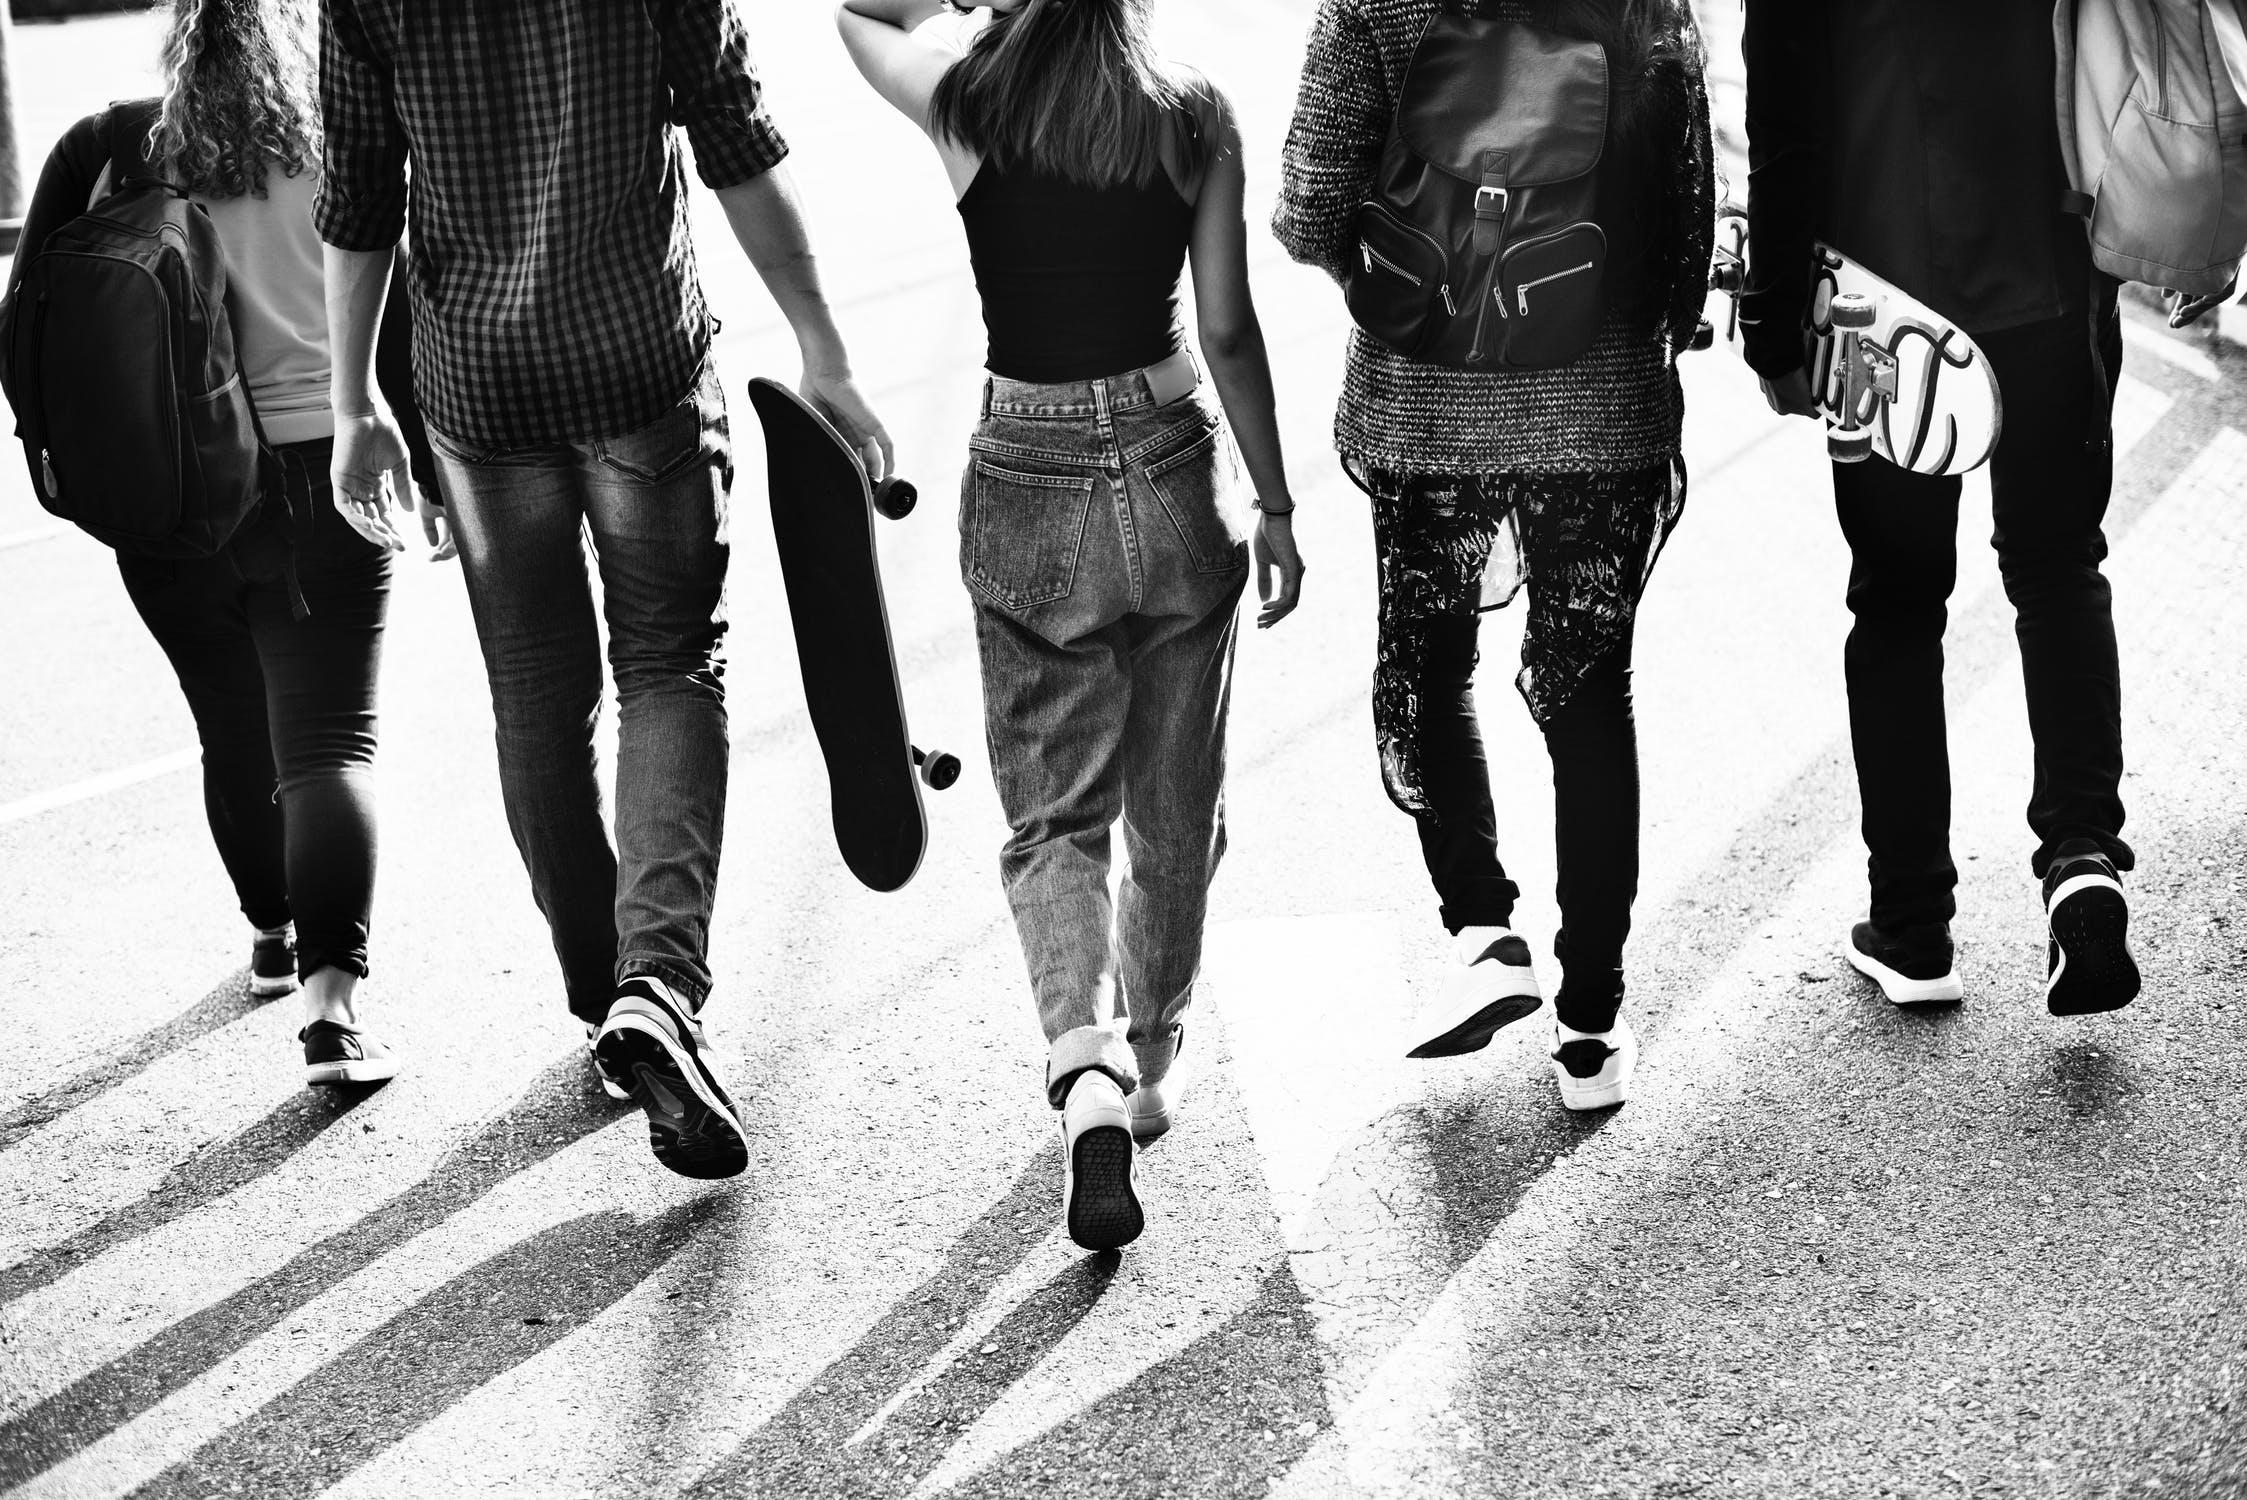 Jugendschutz - Alkohol ist ab 18 Jahren! (Erwerb und Konsum)Das Jugendschutzgesetz in England wird, was den Alkoholkonsum angeht, sehr viel strenger gehandhabt als in Deutschland. Jugendliche unter 18 Jahre dürfen keinen Alkohol kaufen oder trinken. Das Betreten von Pubs unterliegt ähnlichen Gesetzen. Deshalb sollten Jugendliche ohne Begleitung Erwachsener nicht in Pubs gehen.Rauchen ist ab 18 Jahren! (Erwerb und Konsum)Ohne Betreuer die Stadt erkunden ist ab 16 Jahren!Es sei denn es liegt eine schriftliche Genehmigung der Eltern vor. Das Erkunden findet immer in Gruppen von mind. 3 Jugendlichen statt, es sei denn sie sind über 18 Jahren alt.Aufenthalt an öffentlichen Plätzen!Es ist für unbeaufsichtigte Kinder und Jugendliche unter 16 Jahren verboten, sich zwischen 9pm (21:00 Uhr) und 6am (06:00 Uhr) an öffentlichen Plätzen aufzuhalten.Nähere Infos zum Jugendschutz in England findet man unter: http://www.protection-of-minors.eu/de/GB_overview.php